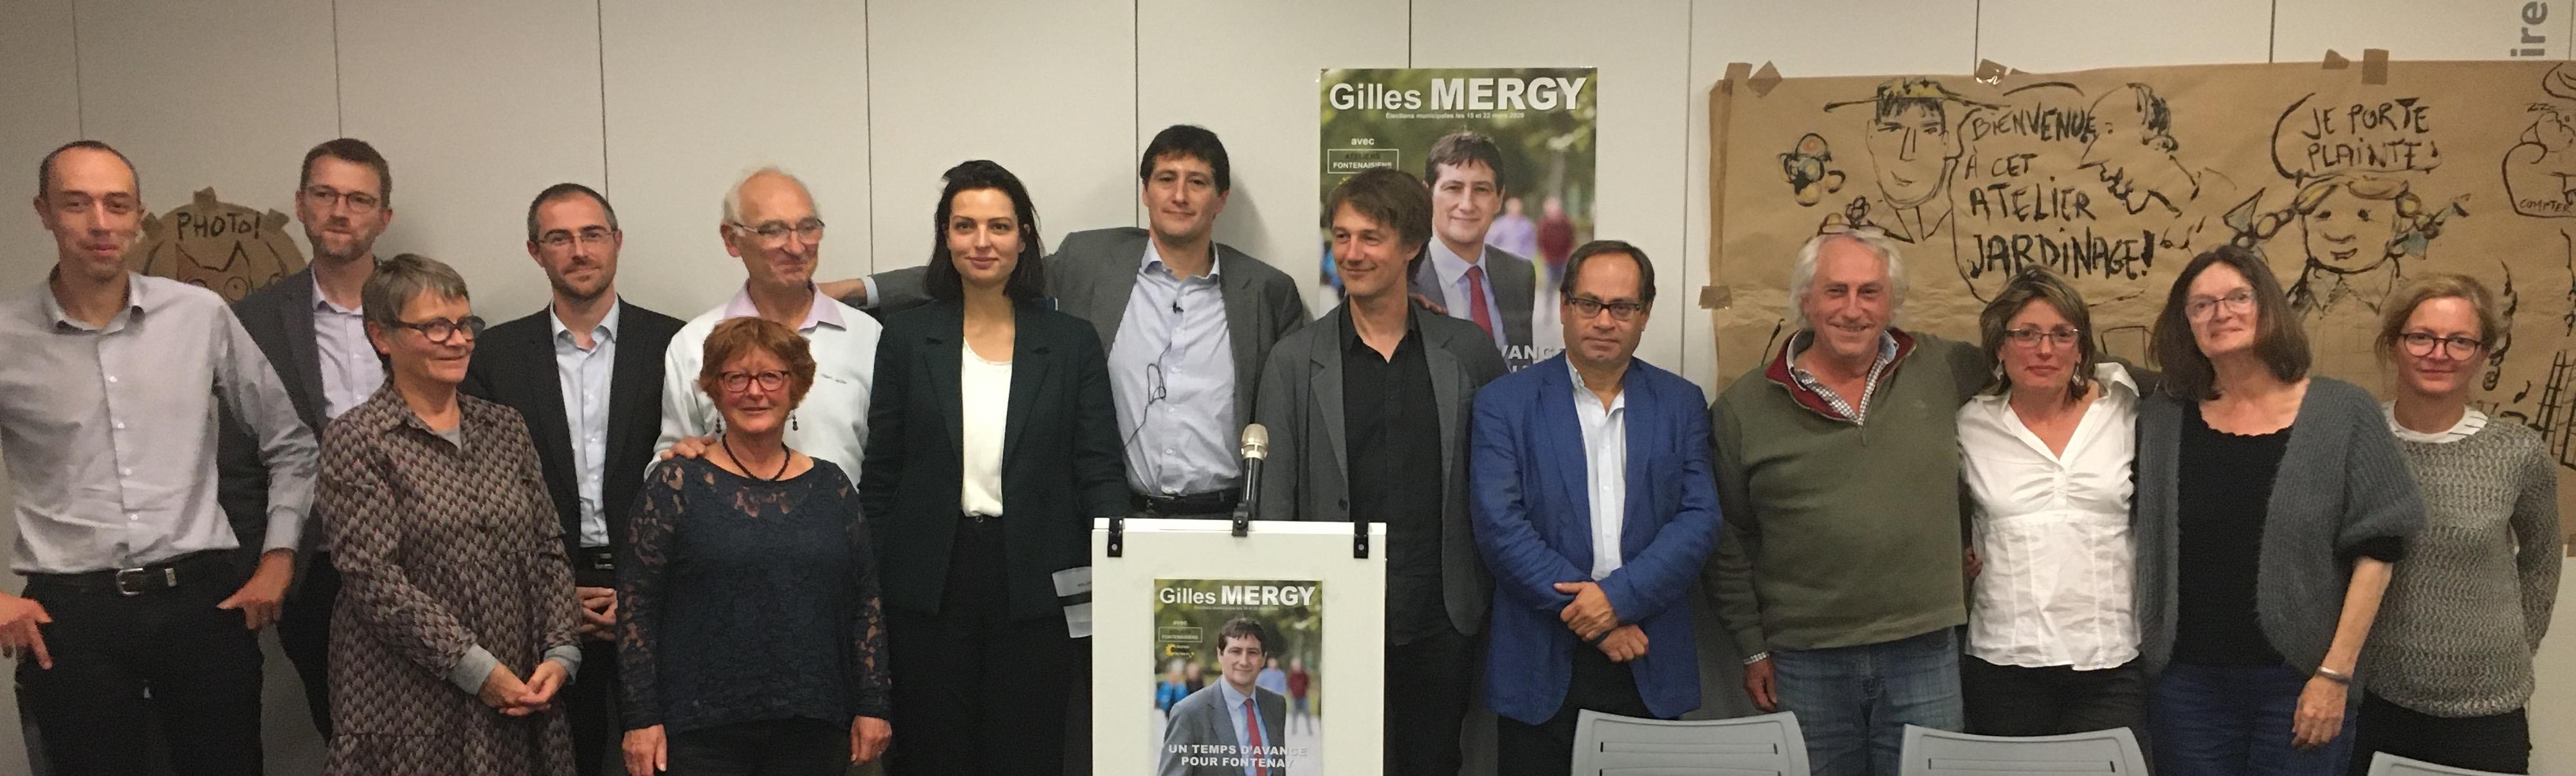 Election, municipales, 2020, Fontenay-aux-Roses, un temps d'avance, liste, Gilles Mergy, citoyens, démocratie, ville